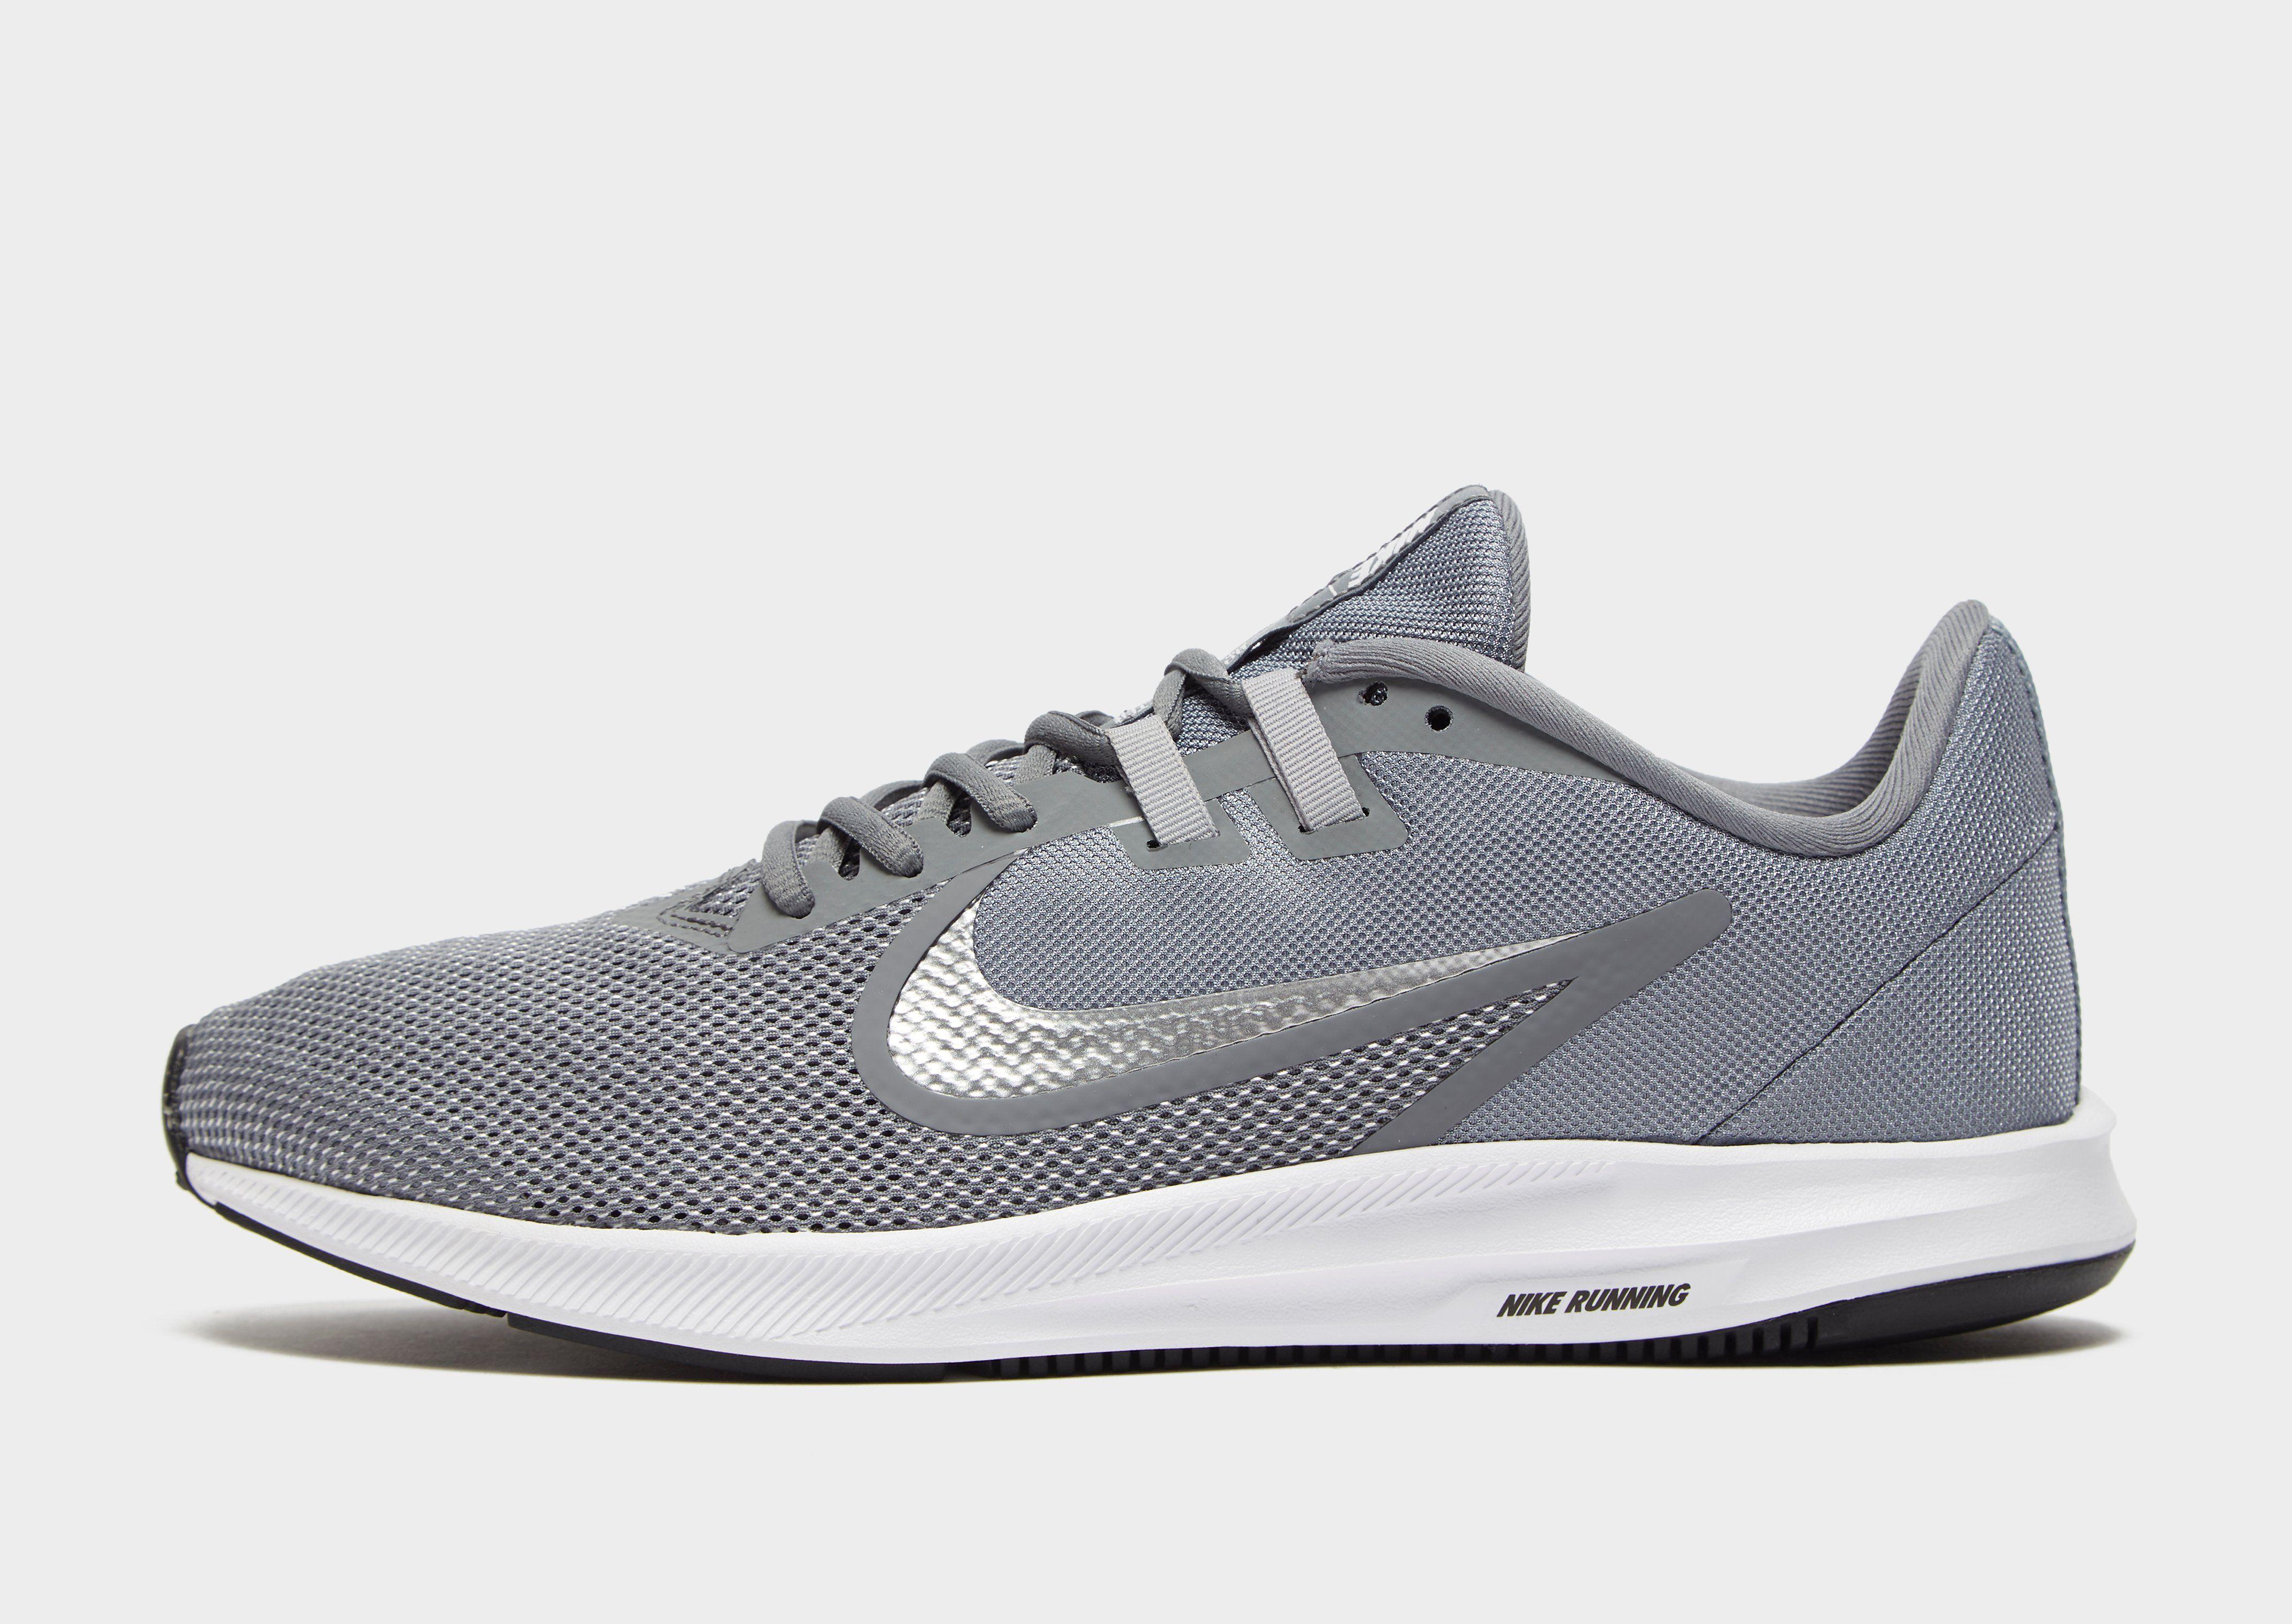 051b233e2cf Nike Downshifter 9